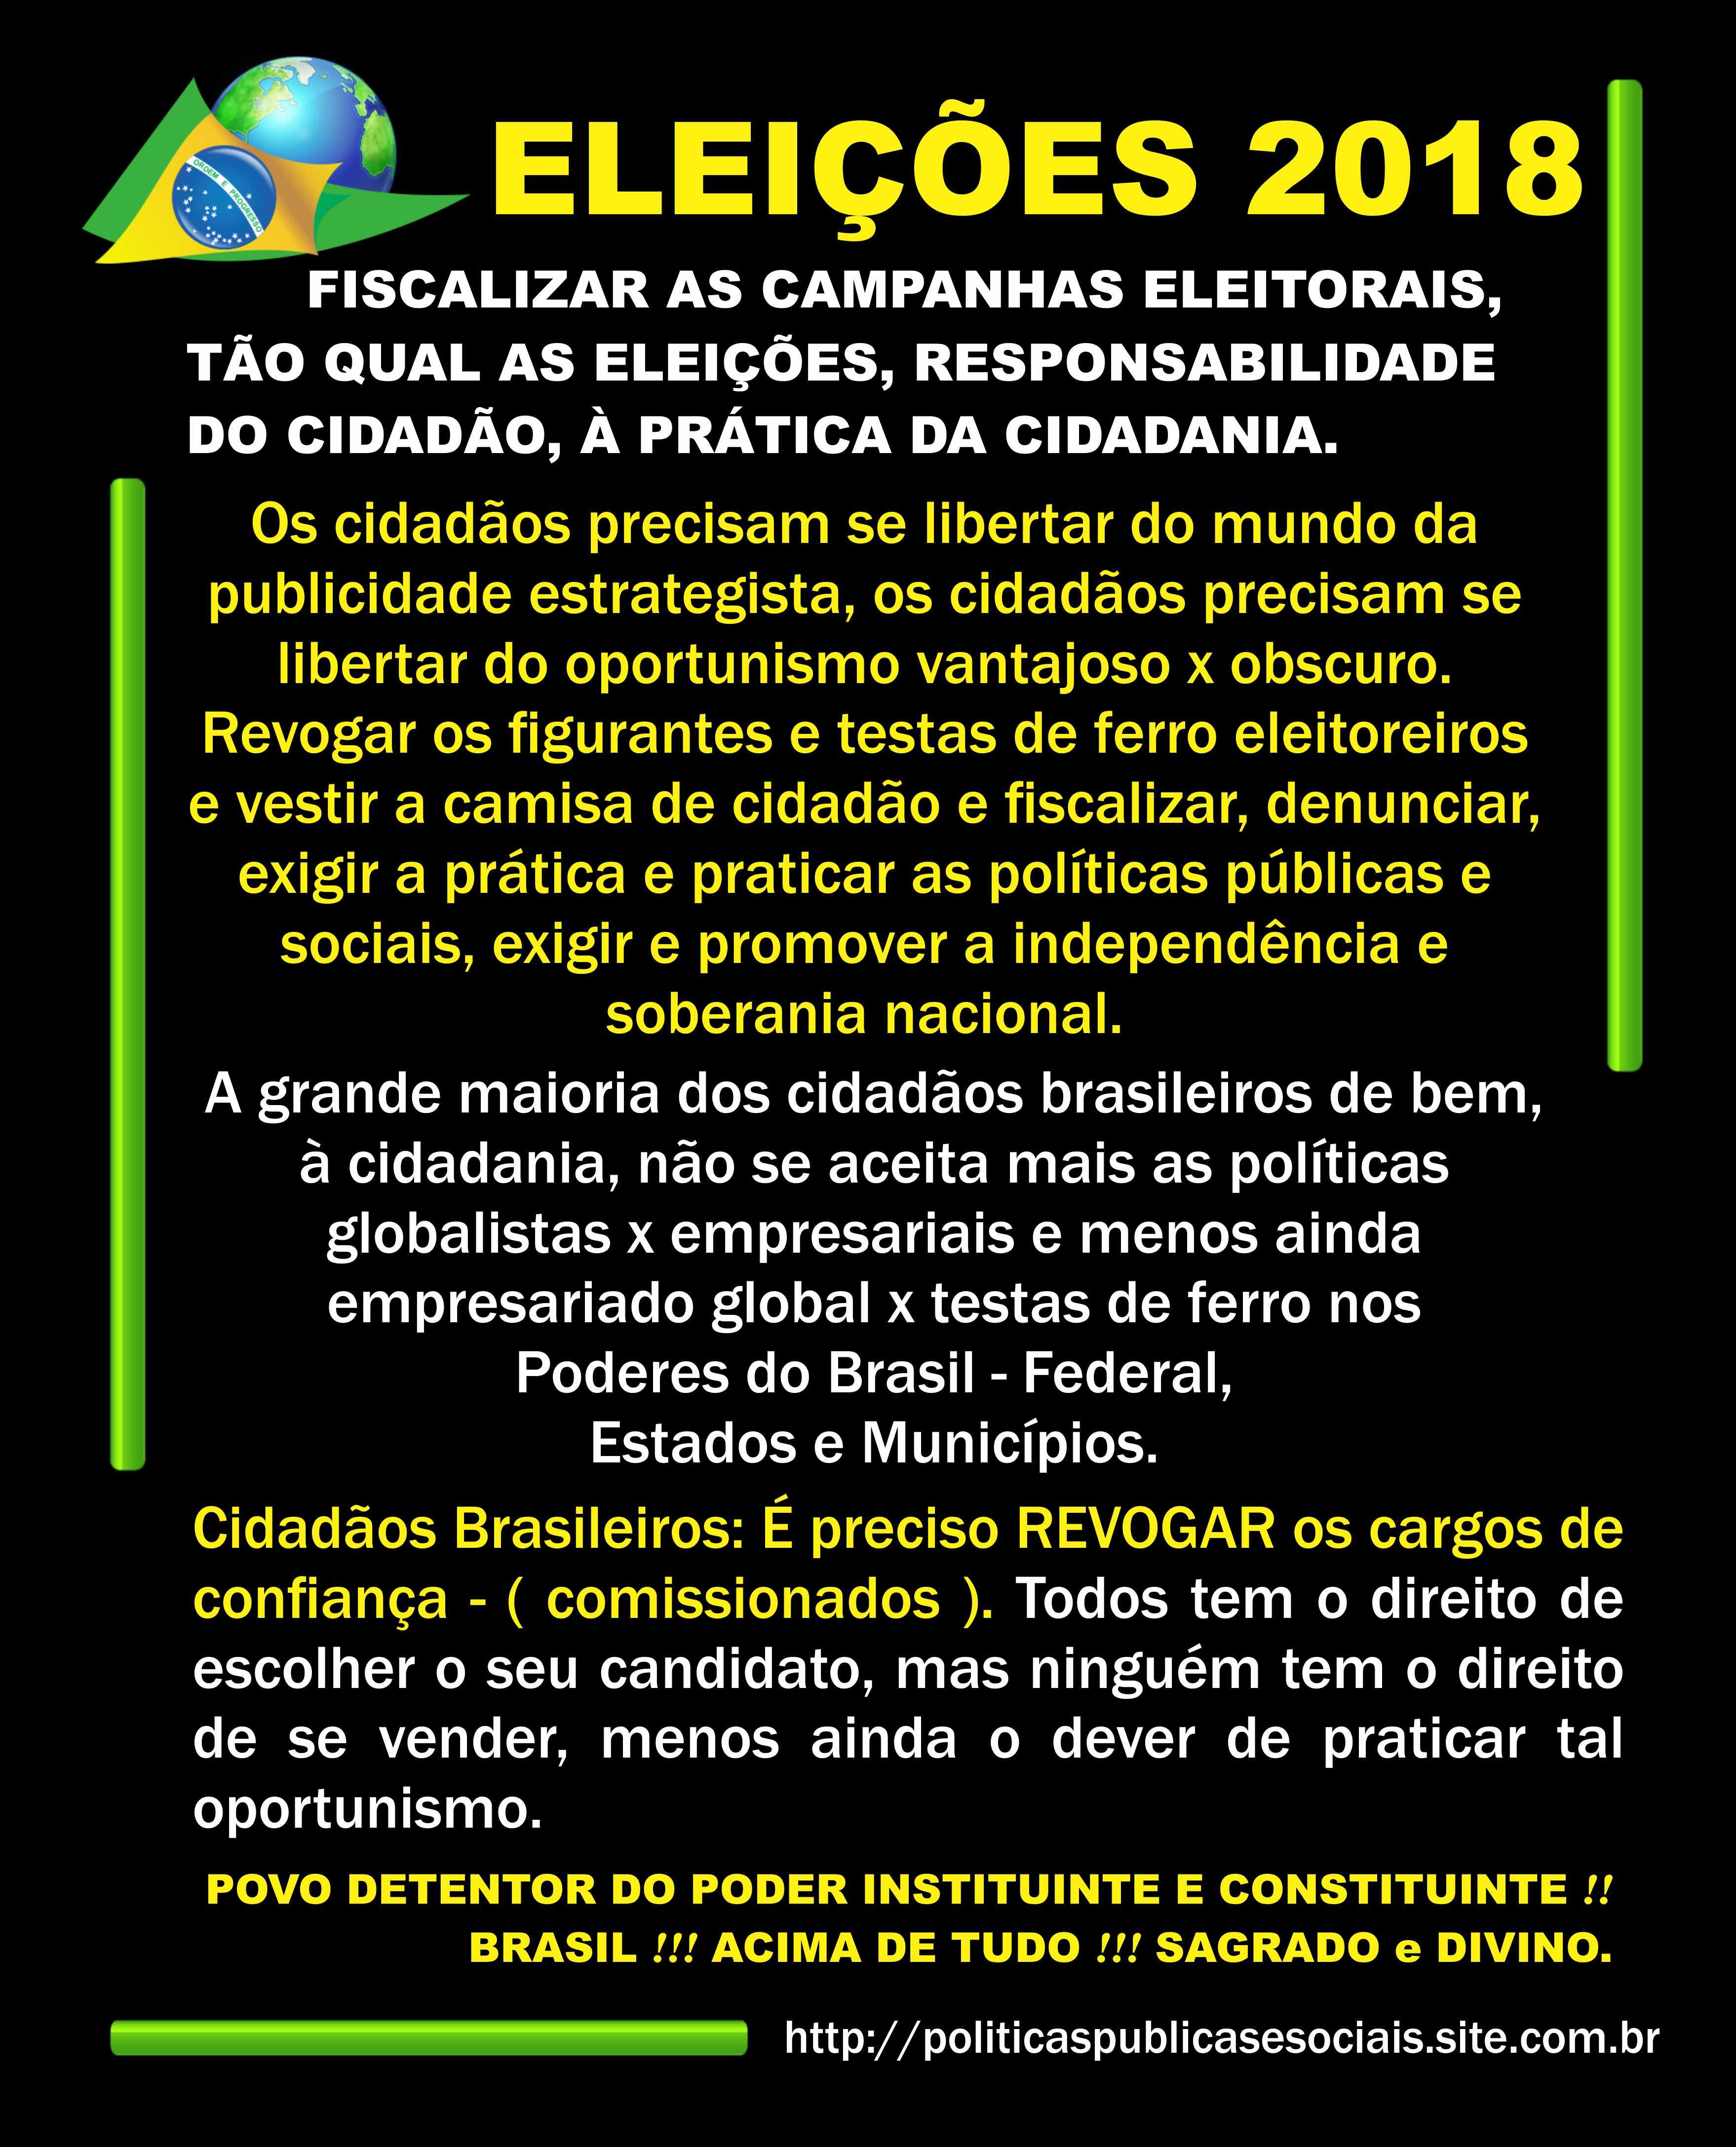 ELEIÇÕES 2018 BRASIL